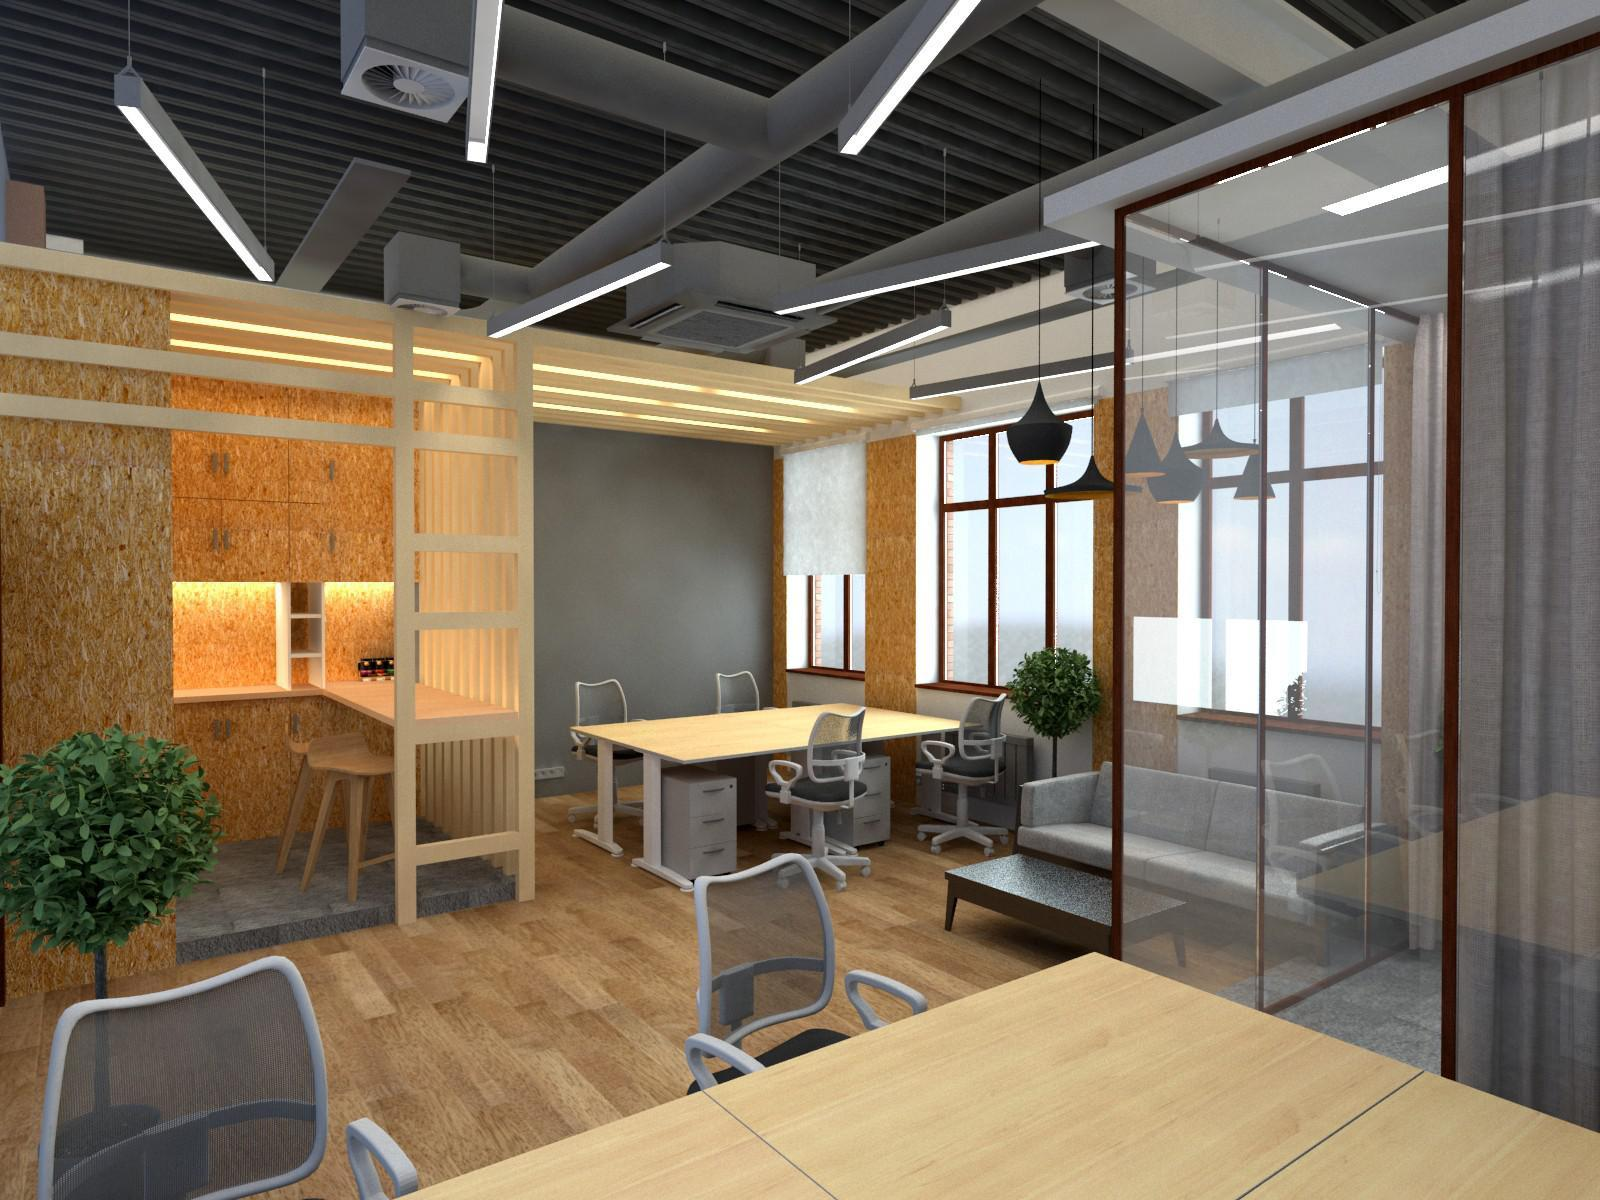 Продажа офиса 50 кв.м. класса, 18000000 руб.